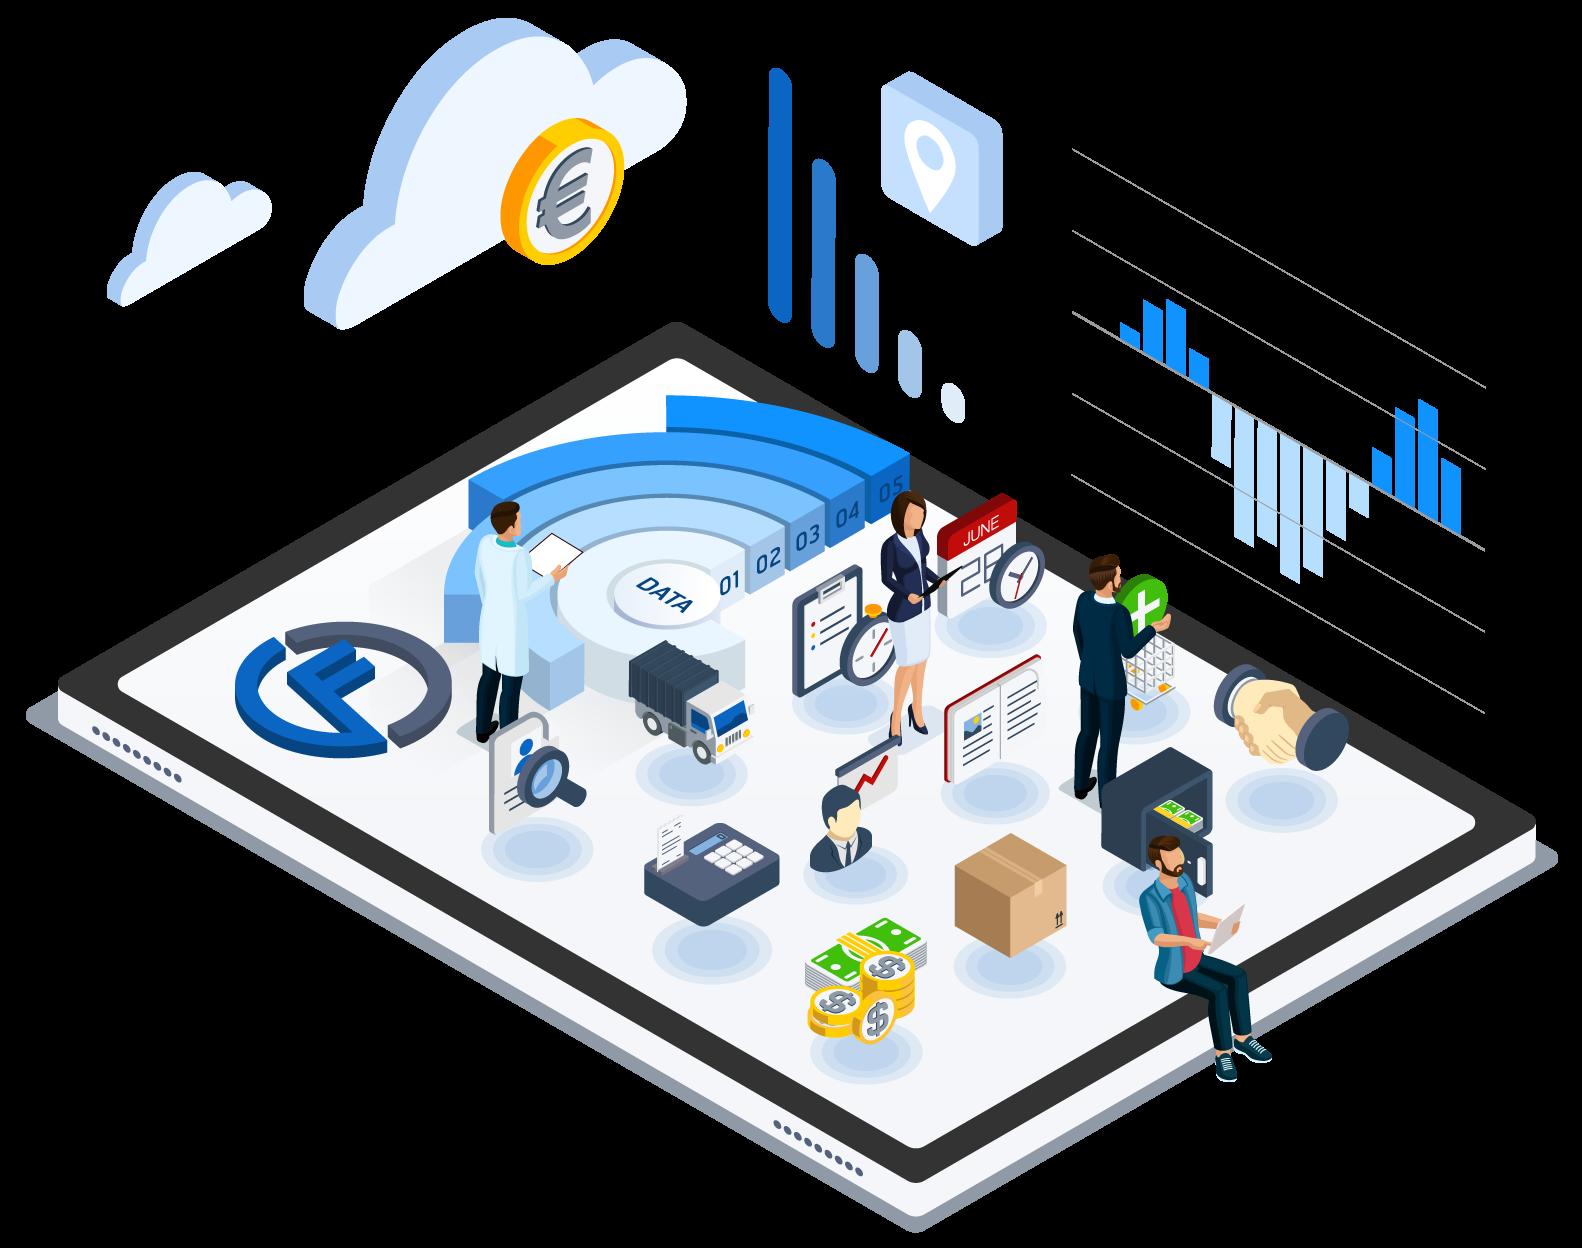 funcionalidades software de gestion